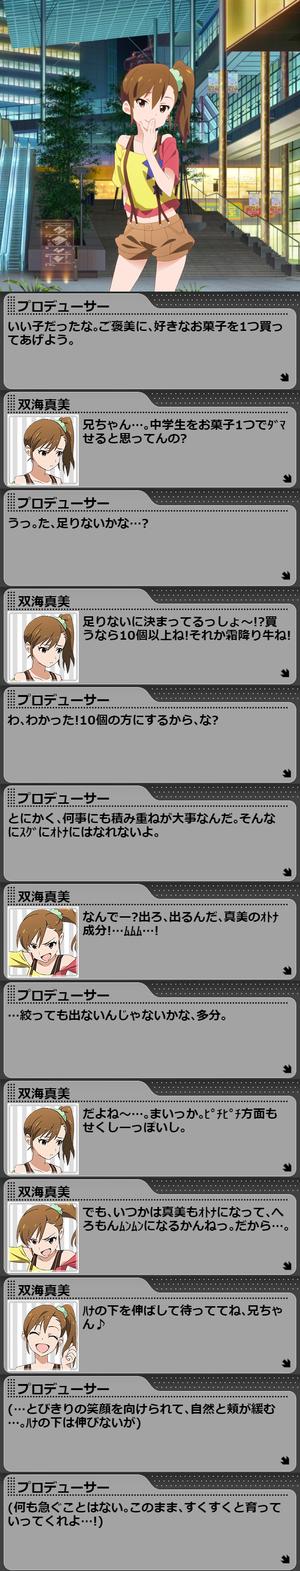 真美LV4_3